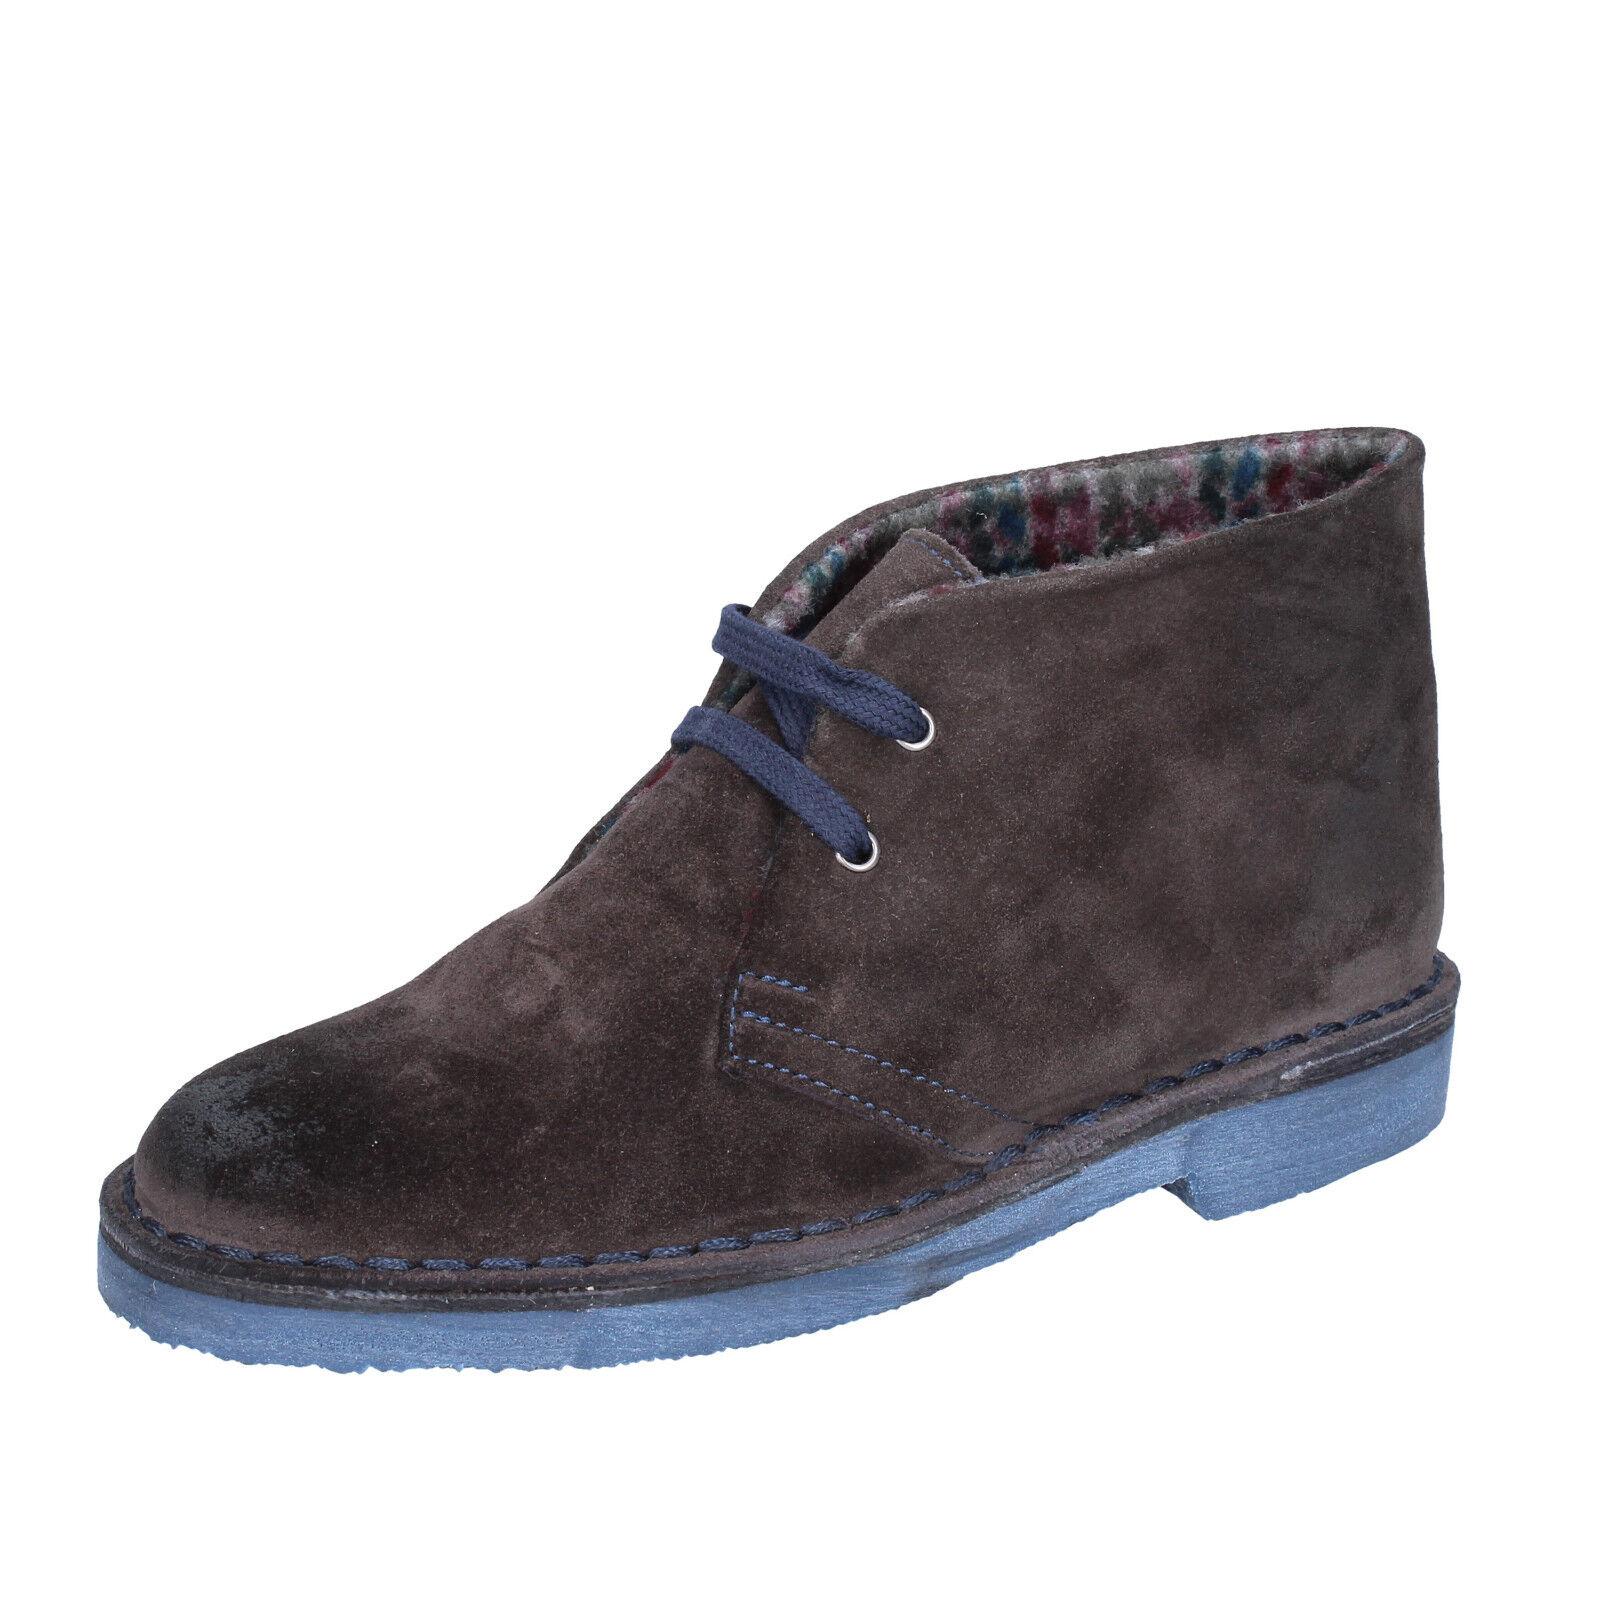 Damen schuhe KEPS BY CORAF 37 EU desert boots braun wildleder BX659-37